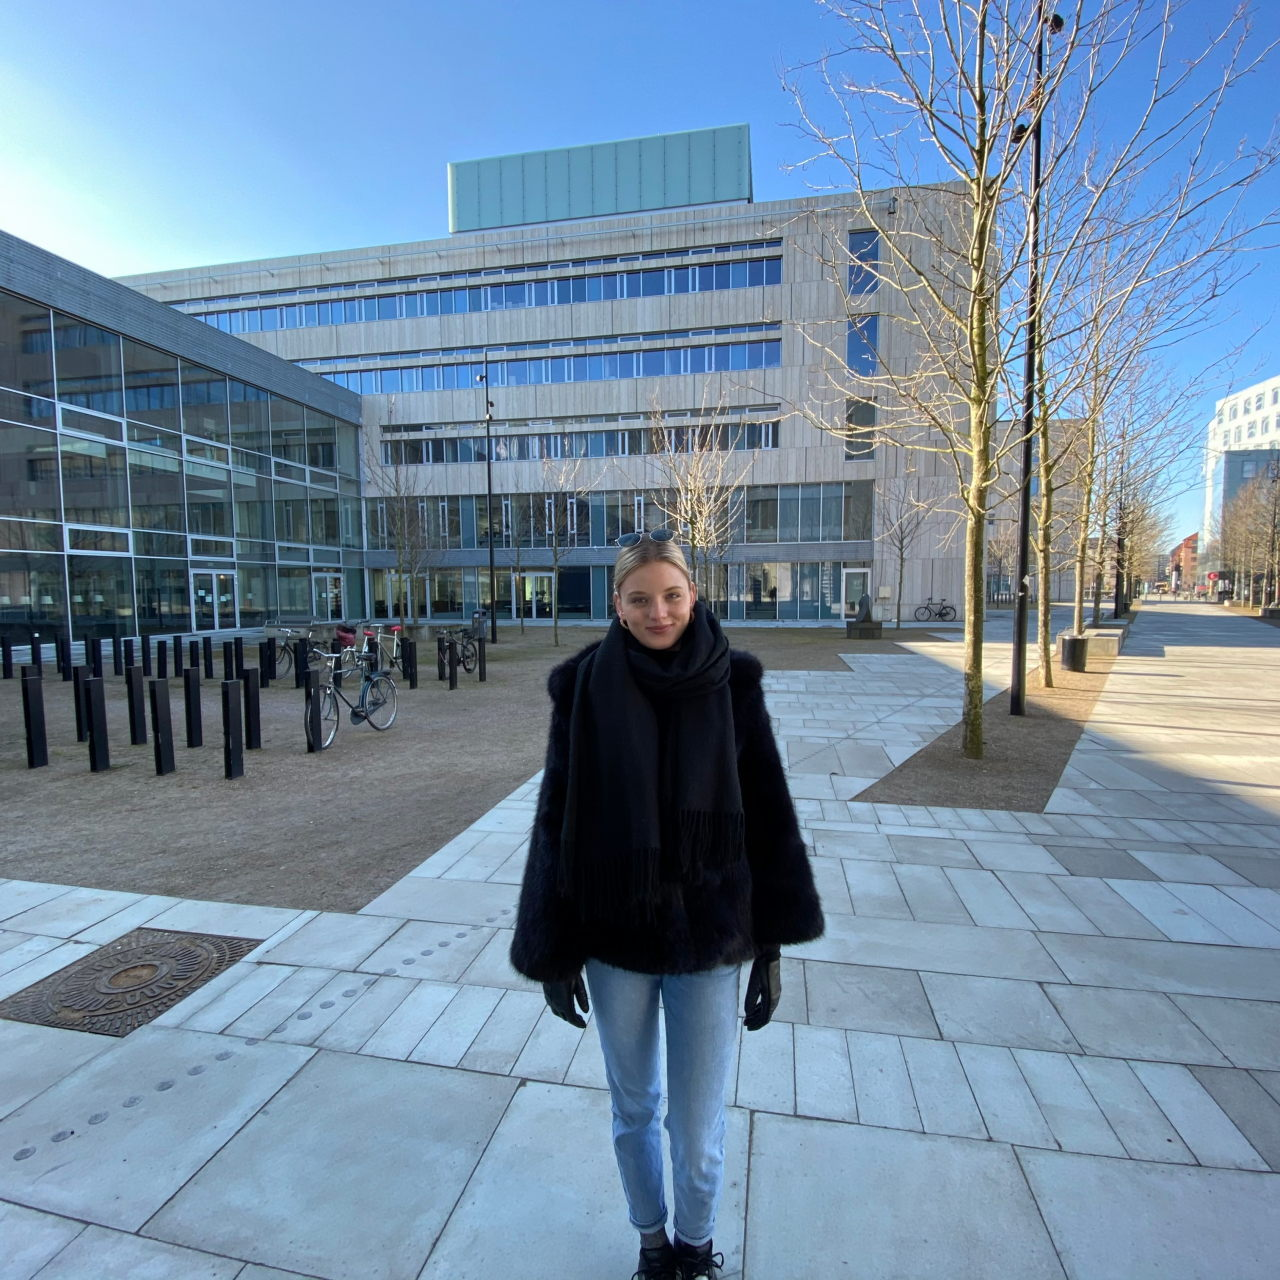 Ausflug zum Campus der Uni Kopenhagen